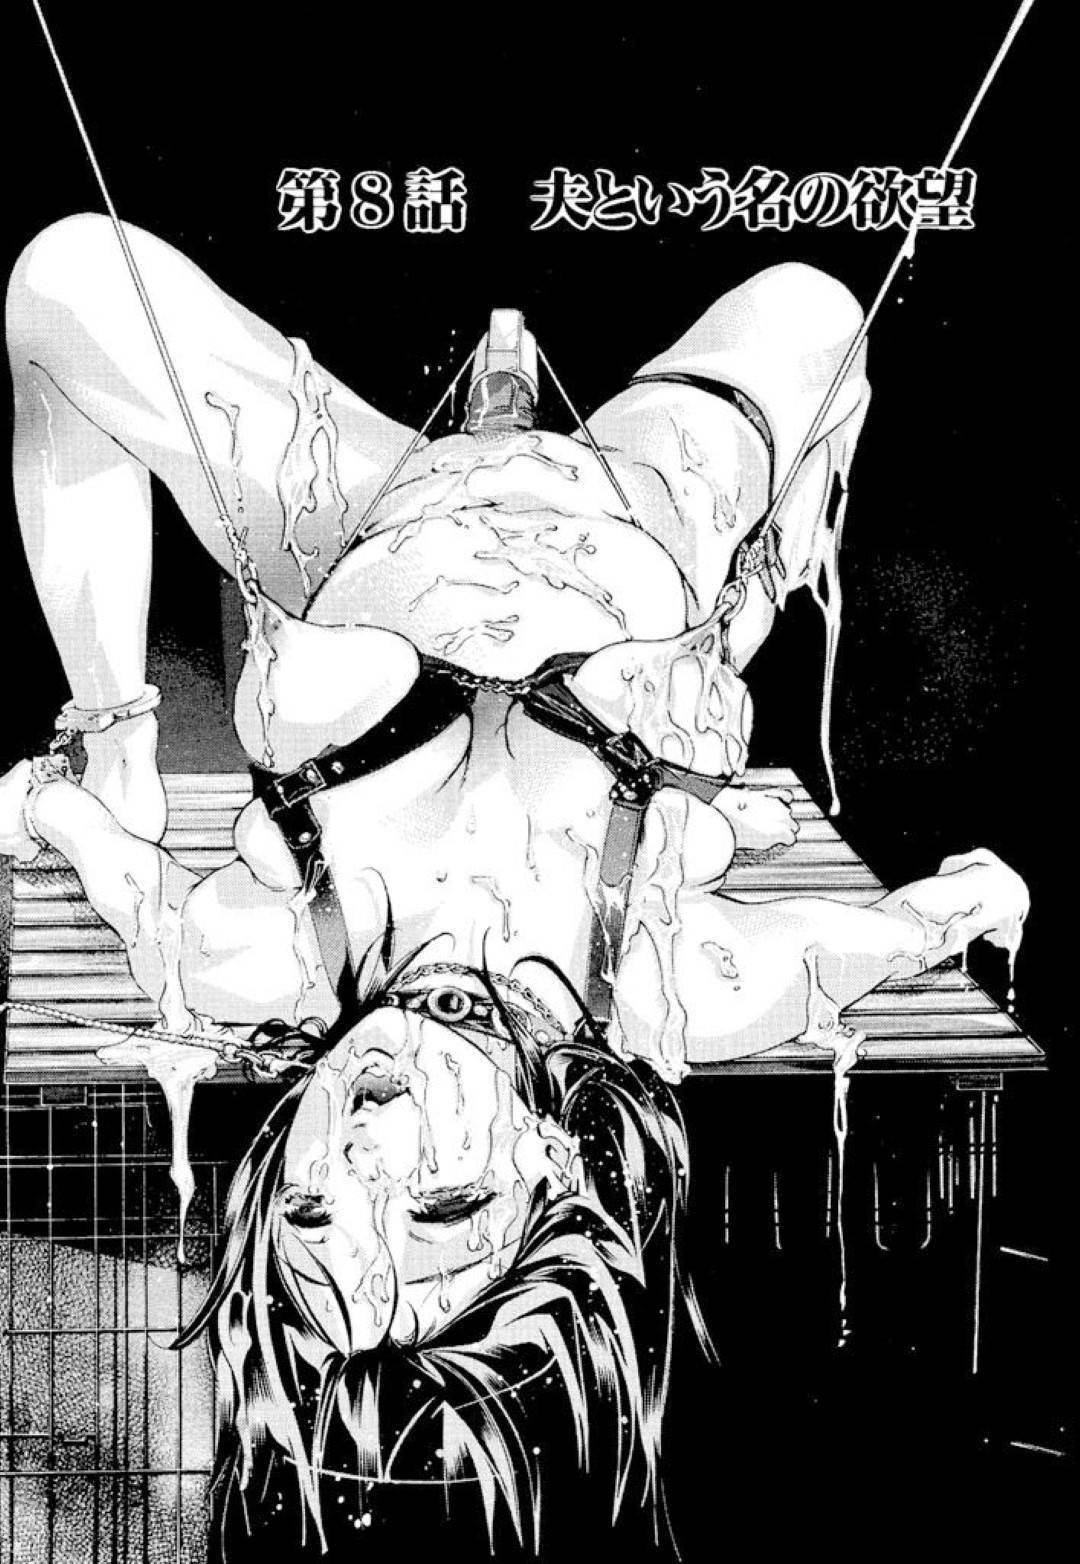 【エロ漫画】男たちに輪姦され続ける事となってしまった人妻…調教されきった彼女は男たちのチンポを自ら咥え続けたり、中出しされたりして快楽絶頂しまくるのだった。【鬼窪浩久:生贄夫人 第8話 夫という名の欲望】